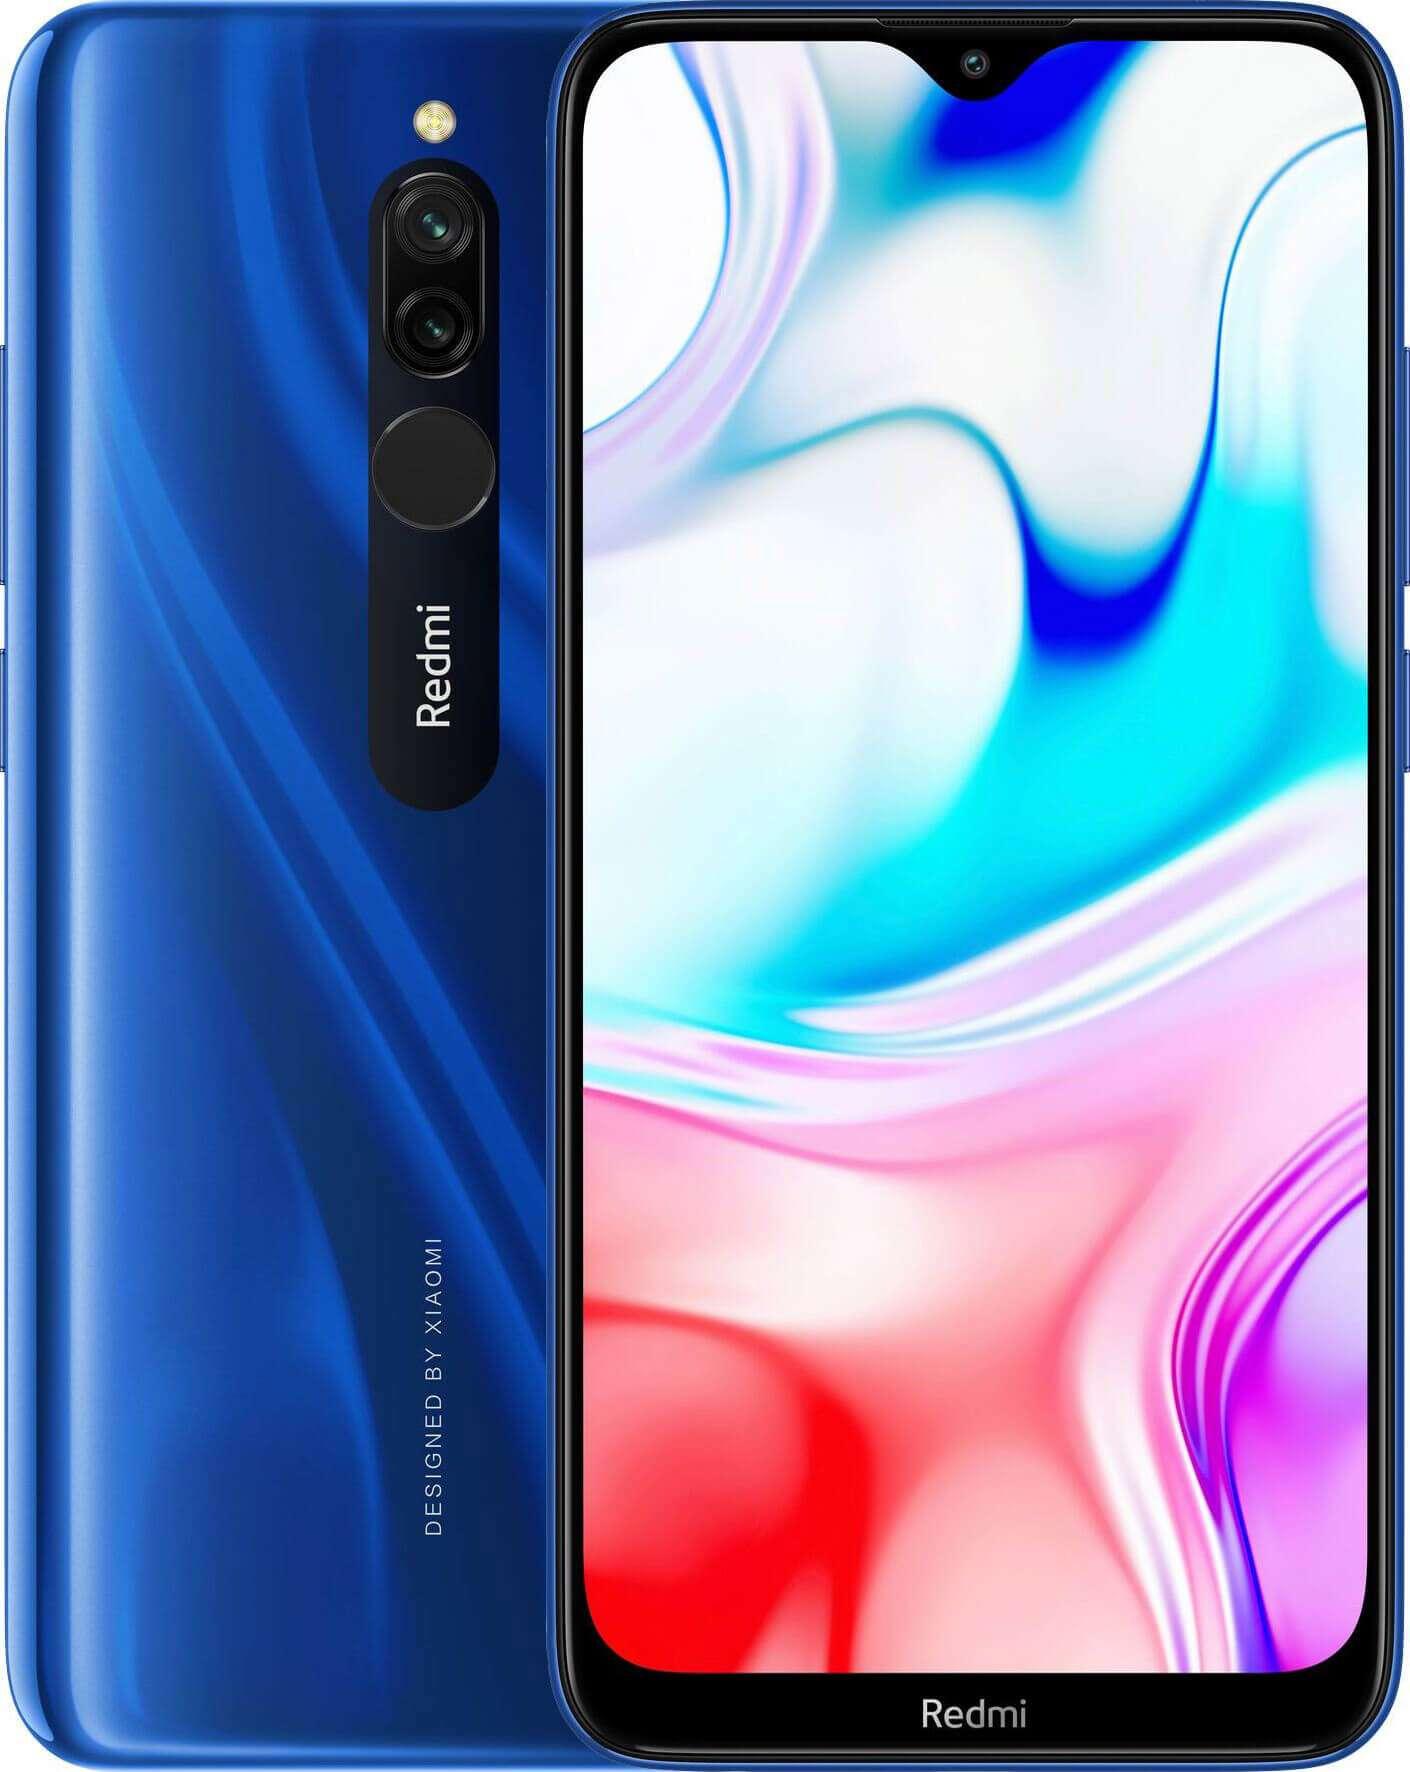 Xiaomi Redmi 8 Dual SIM - 32GB, 3GB RAM, 4G LTE, Sapphire Blue Global Versia